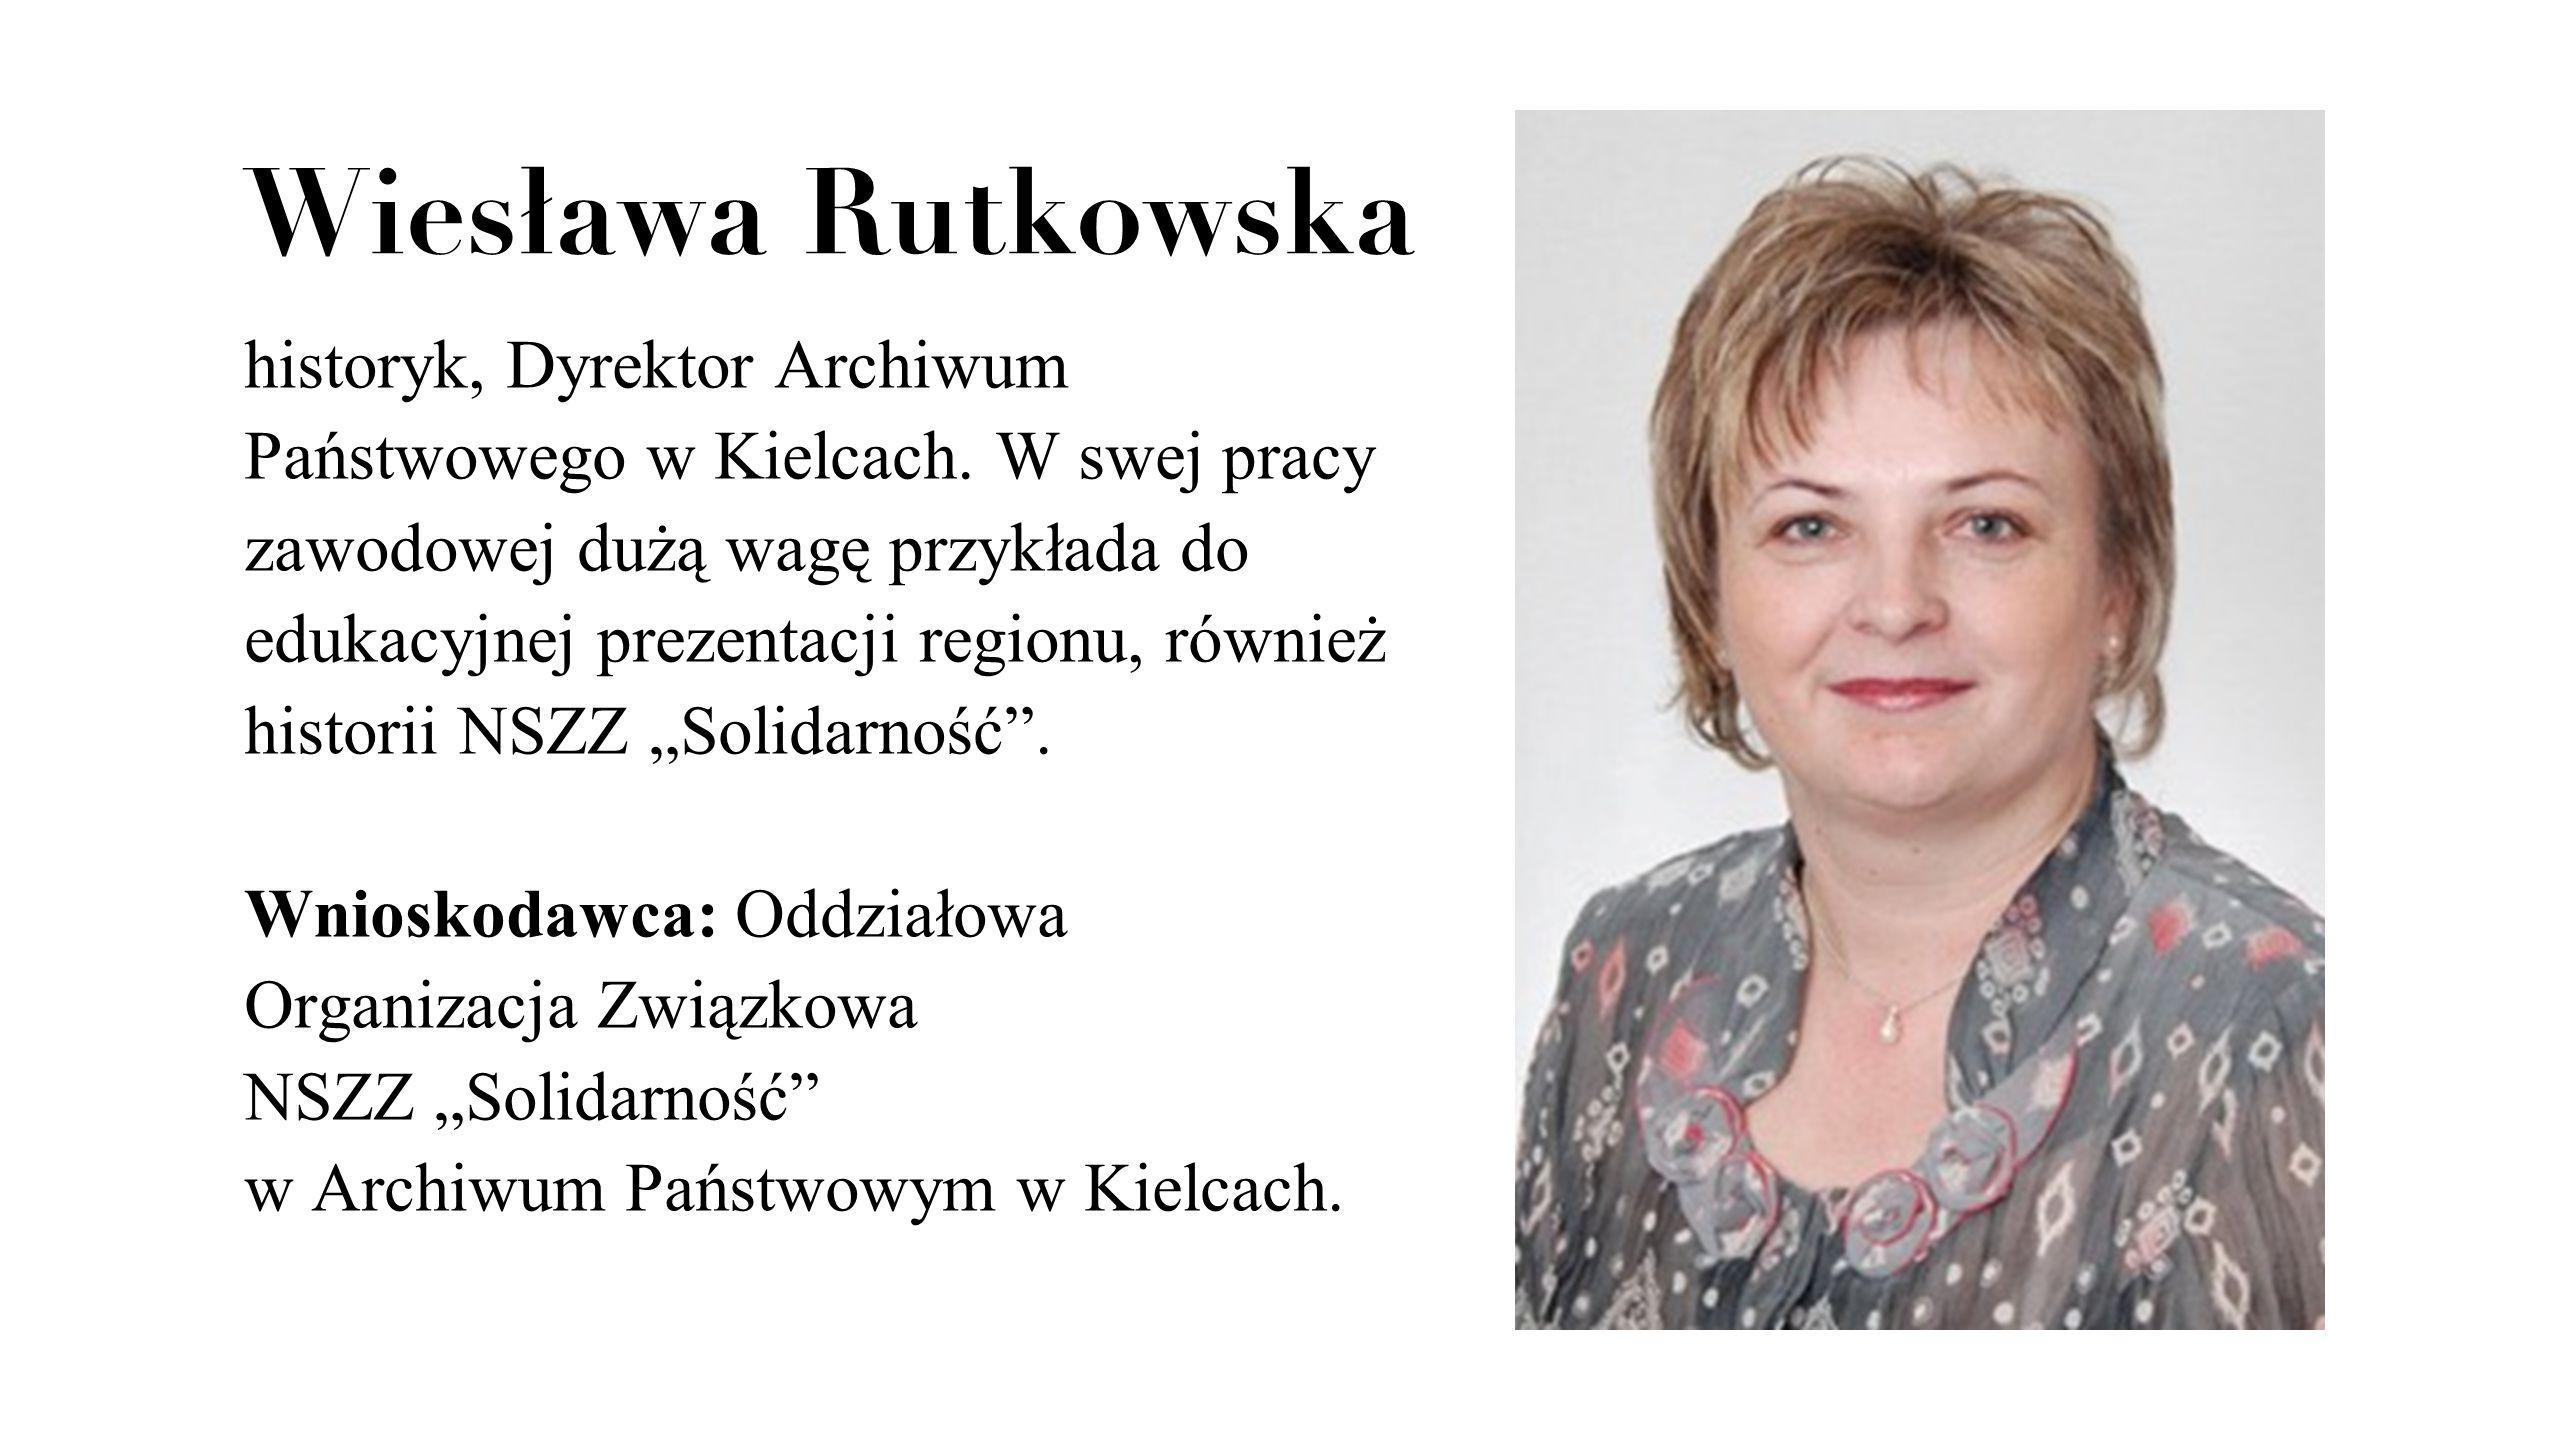 Wiesława Rutkowska